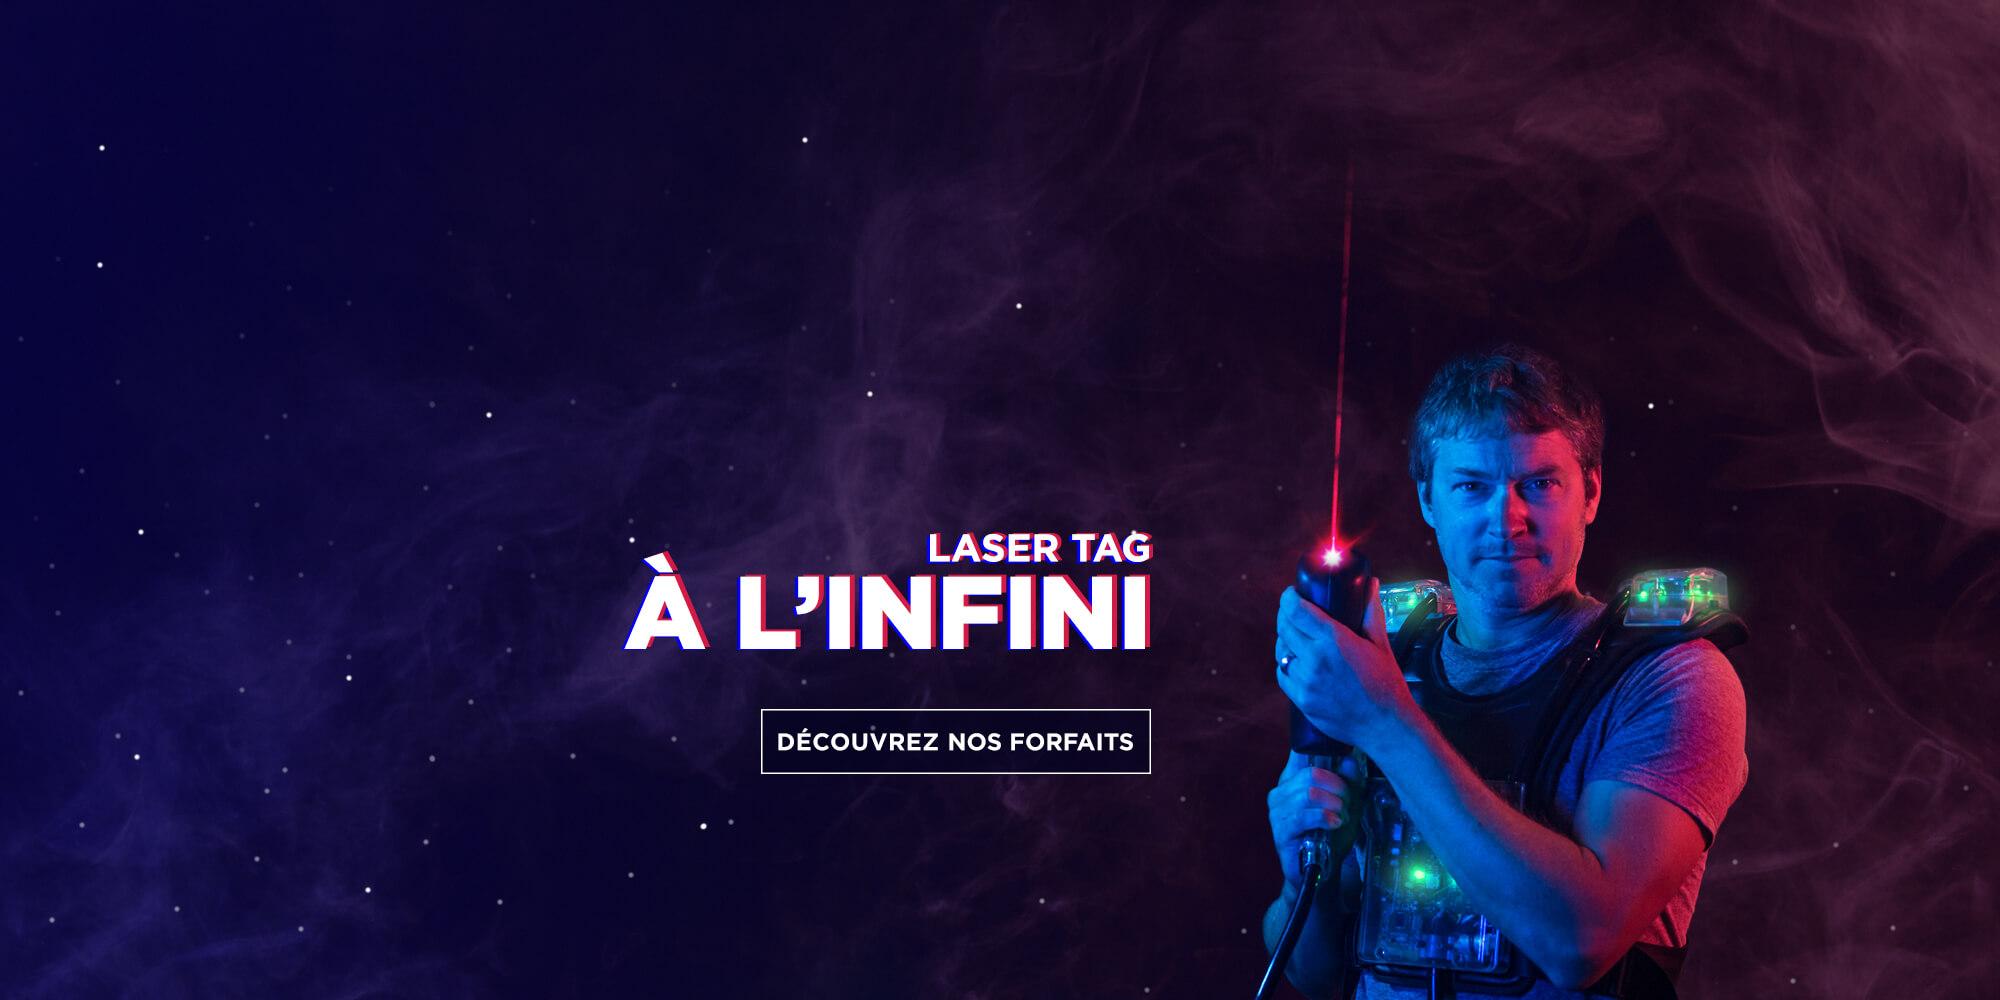 Homme avec équipement de Laser tag | Laser Tag à l'infini